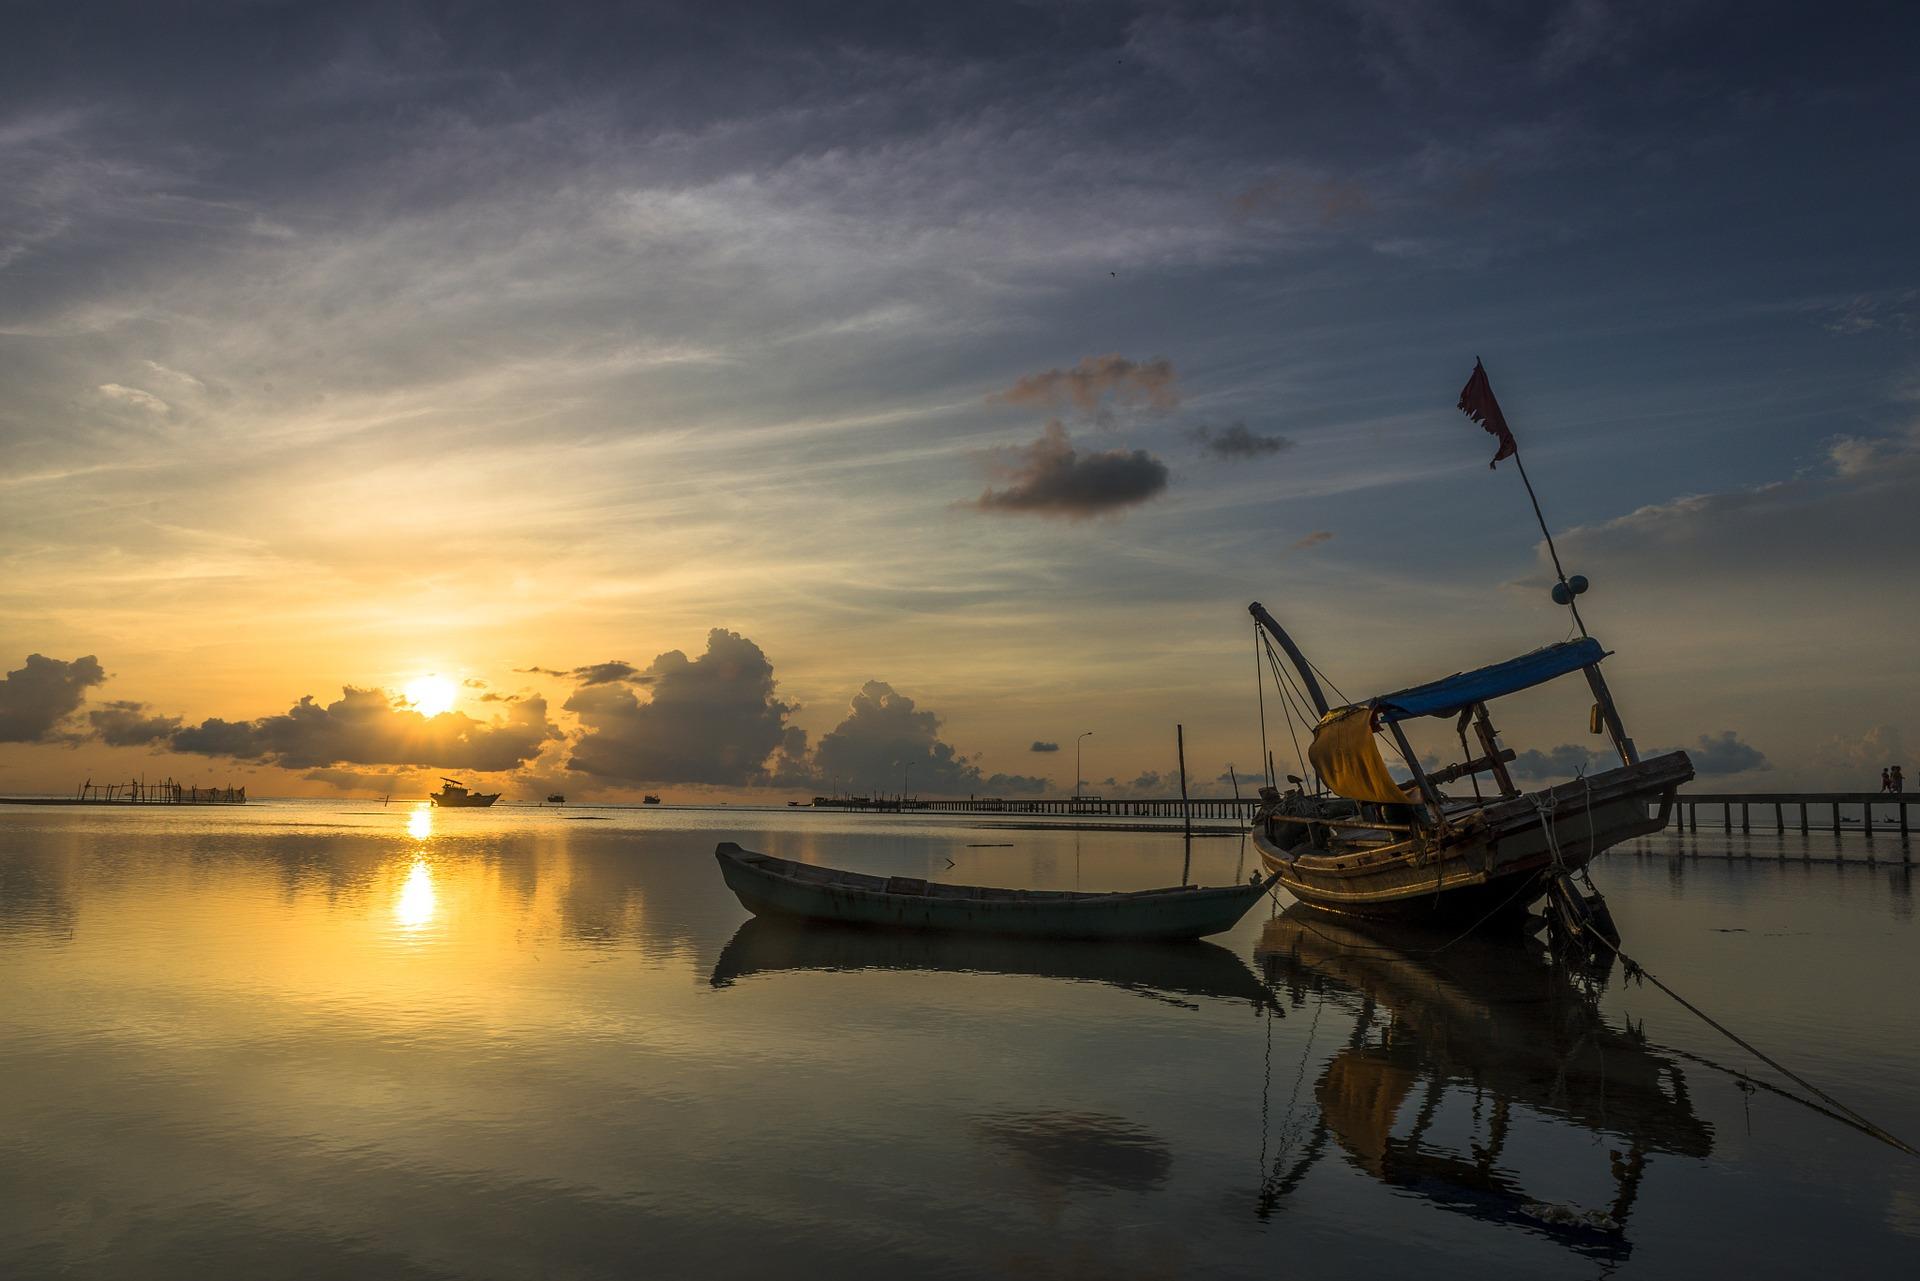 vietnam sunrise-1048516_1920